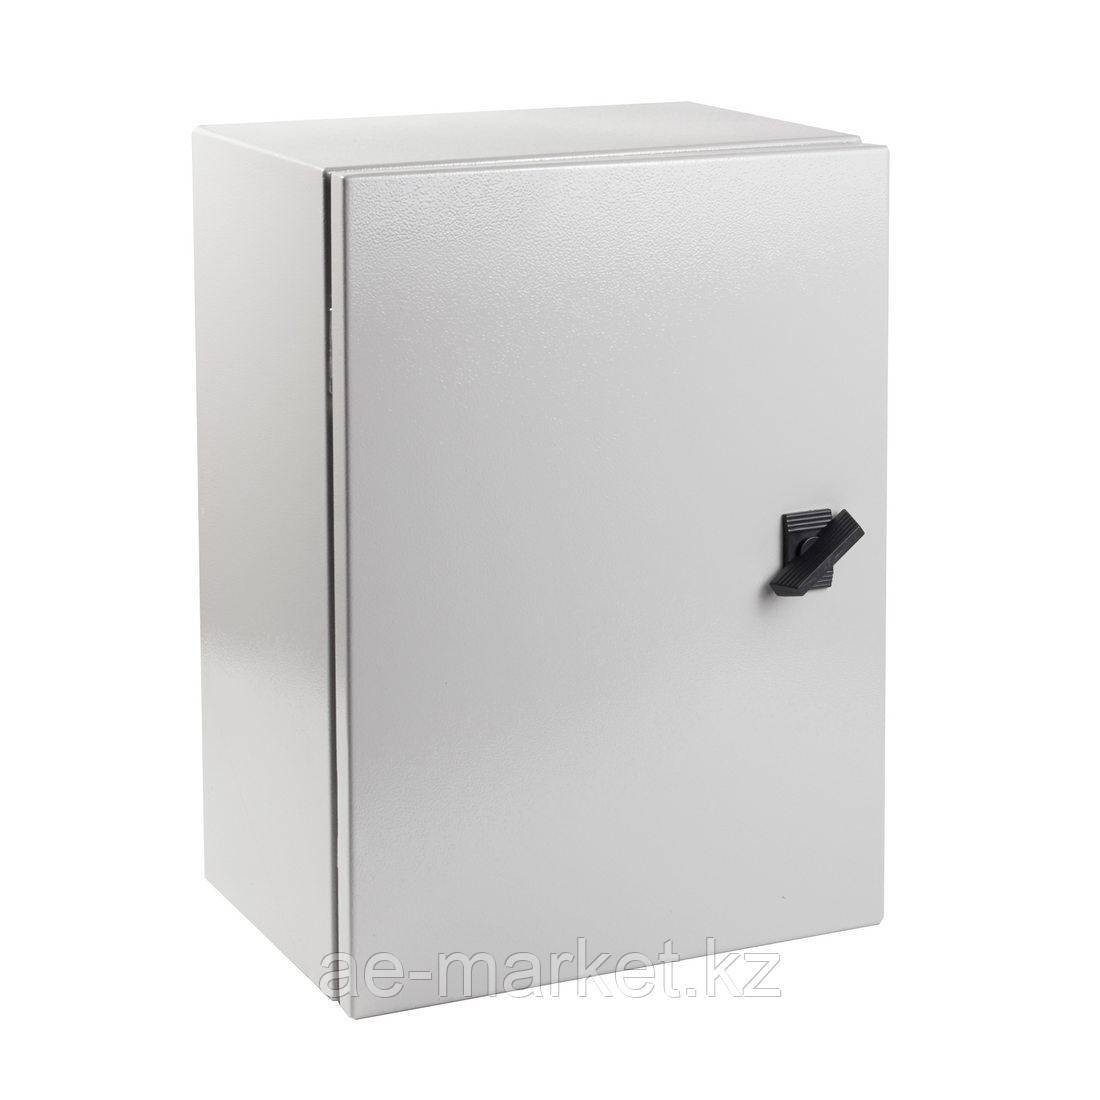 Щит металлический ANDELI 500*400*250 (для электрооборудования)